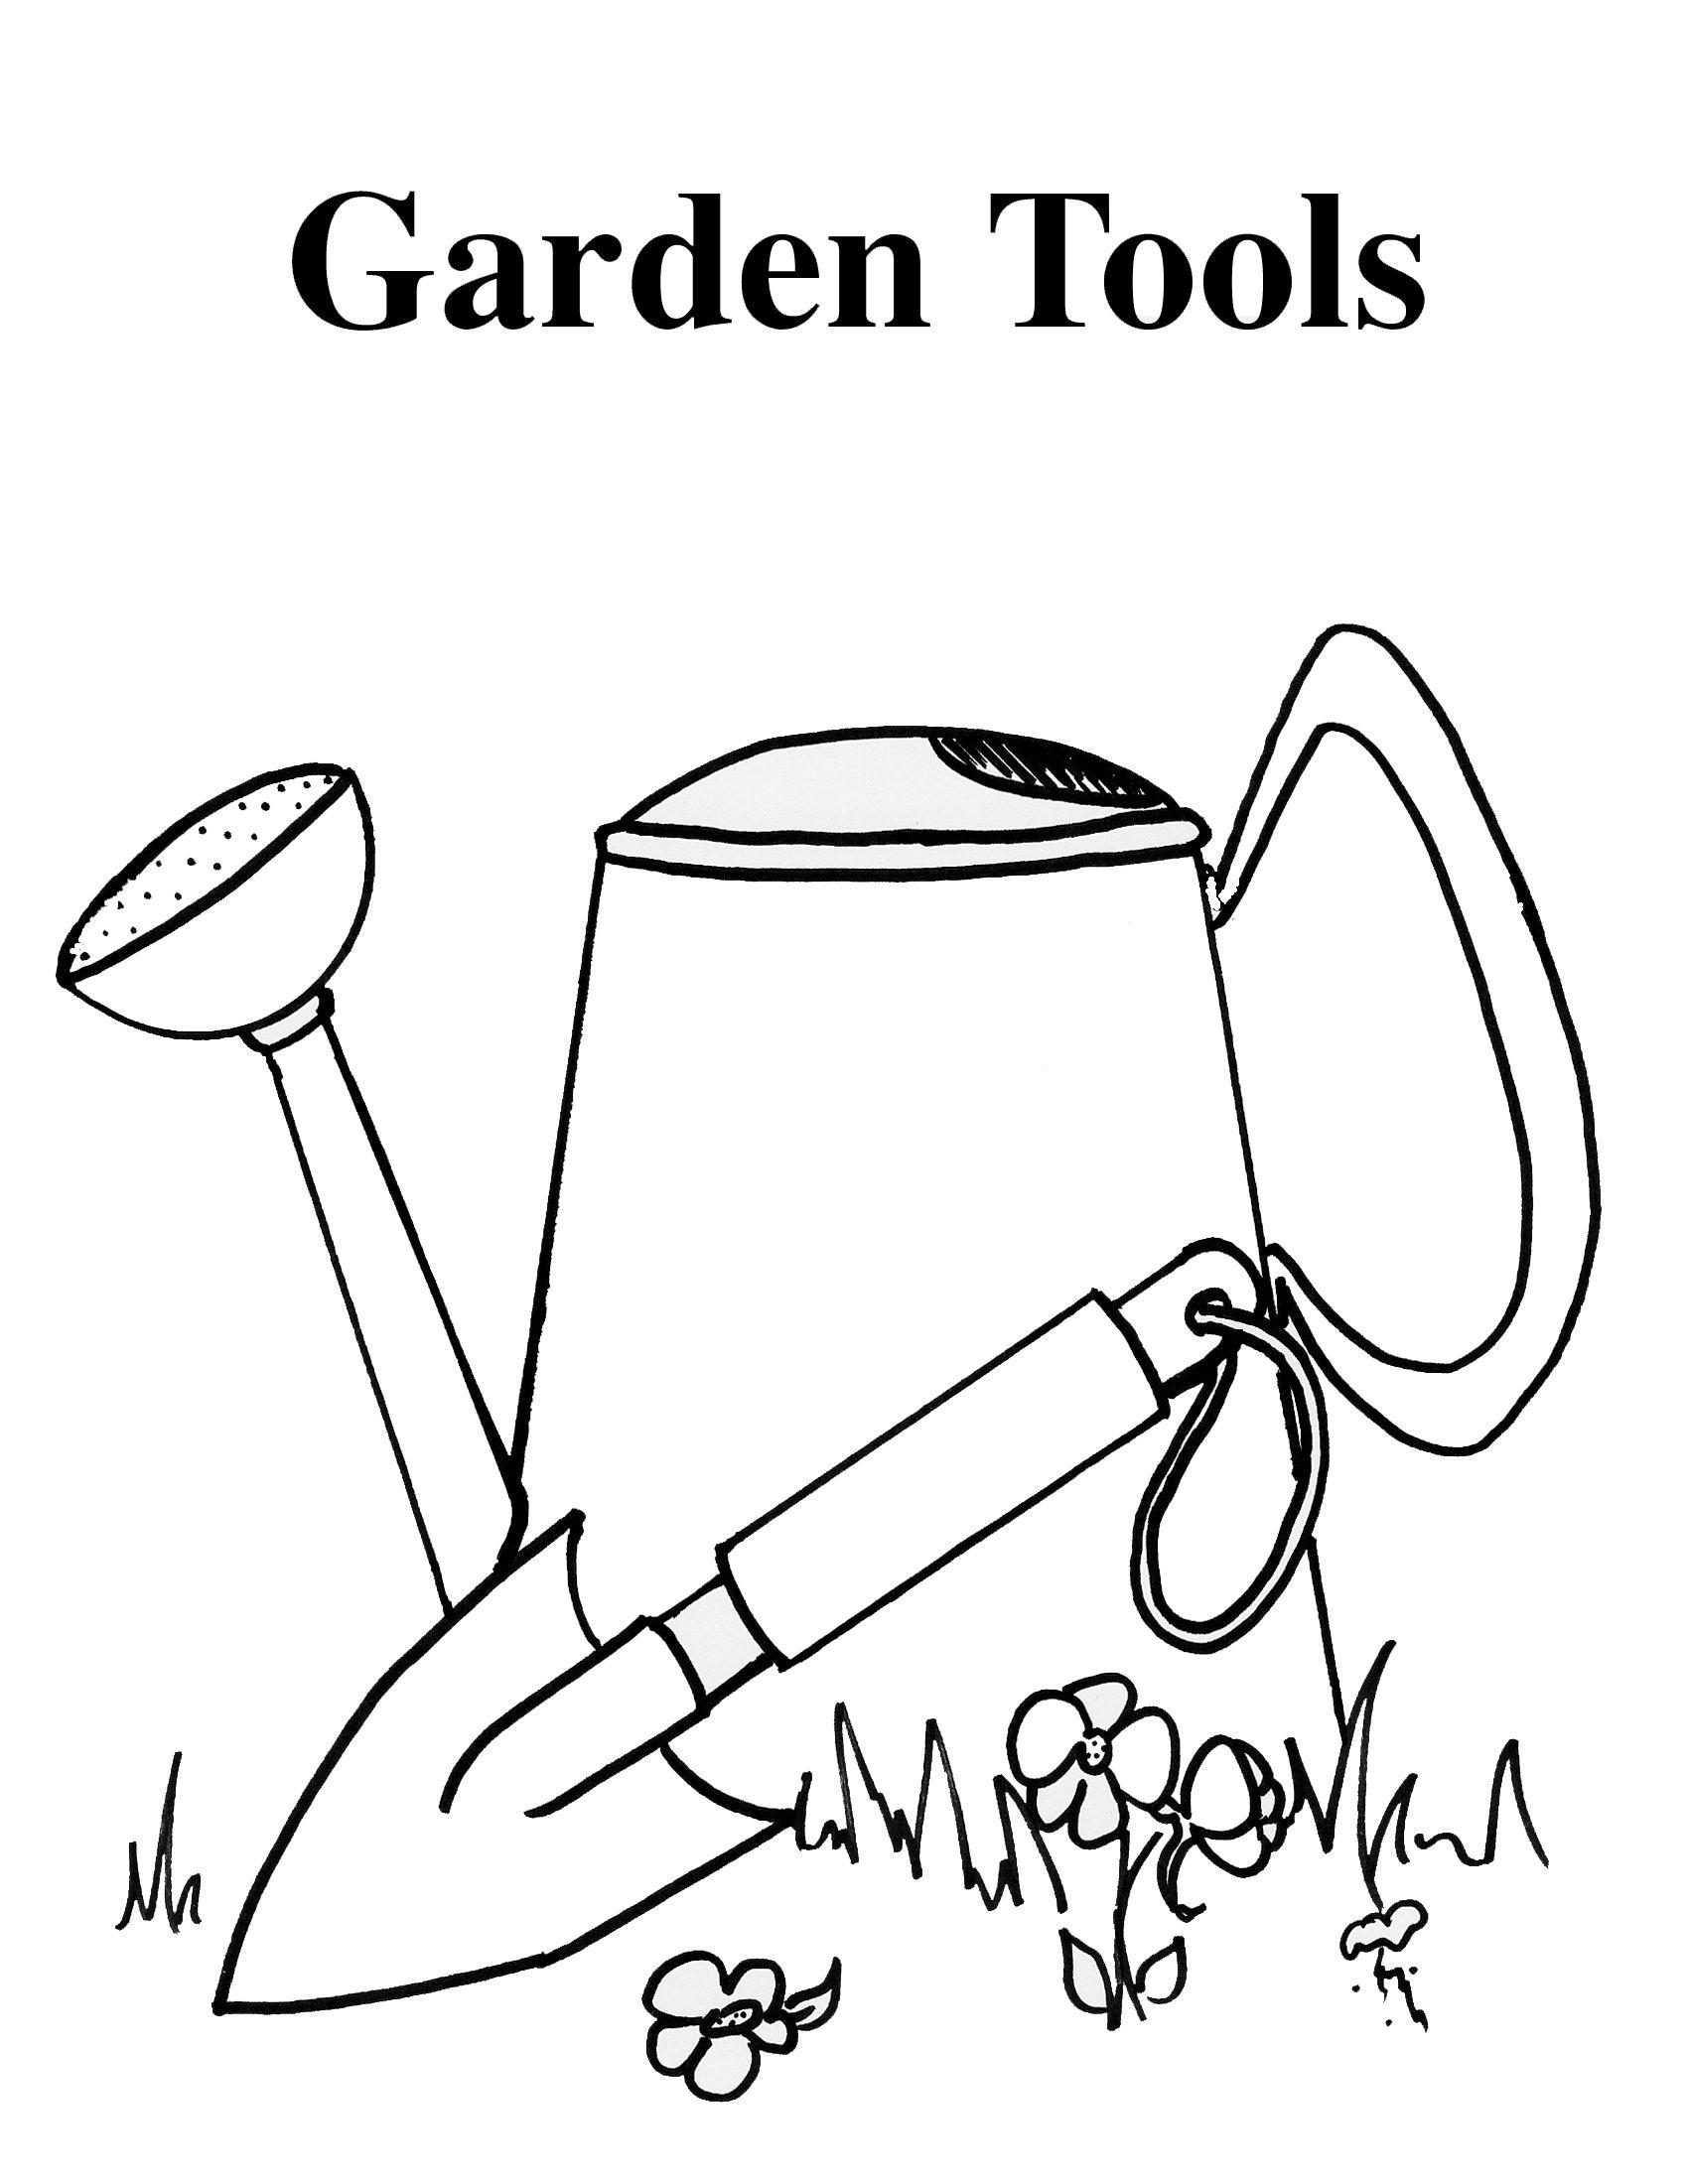 Garden Tools Copy